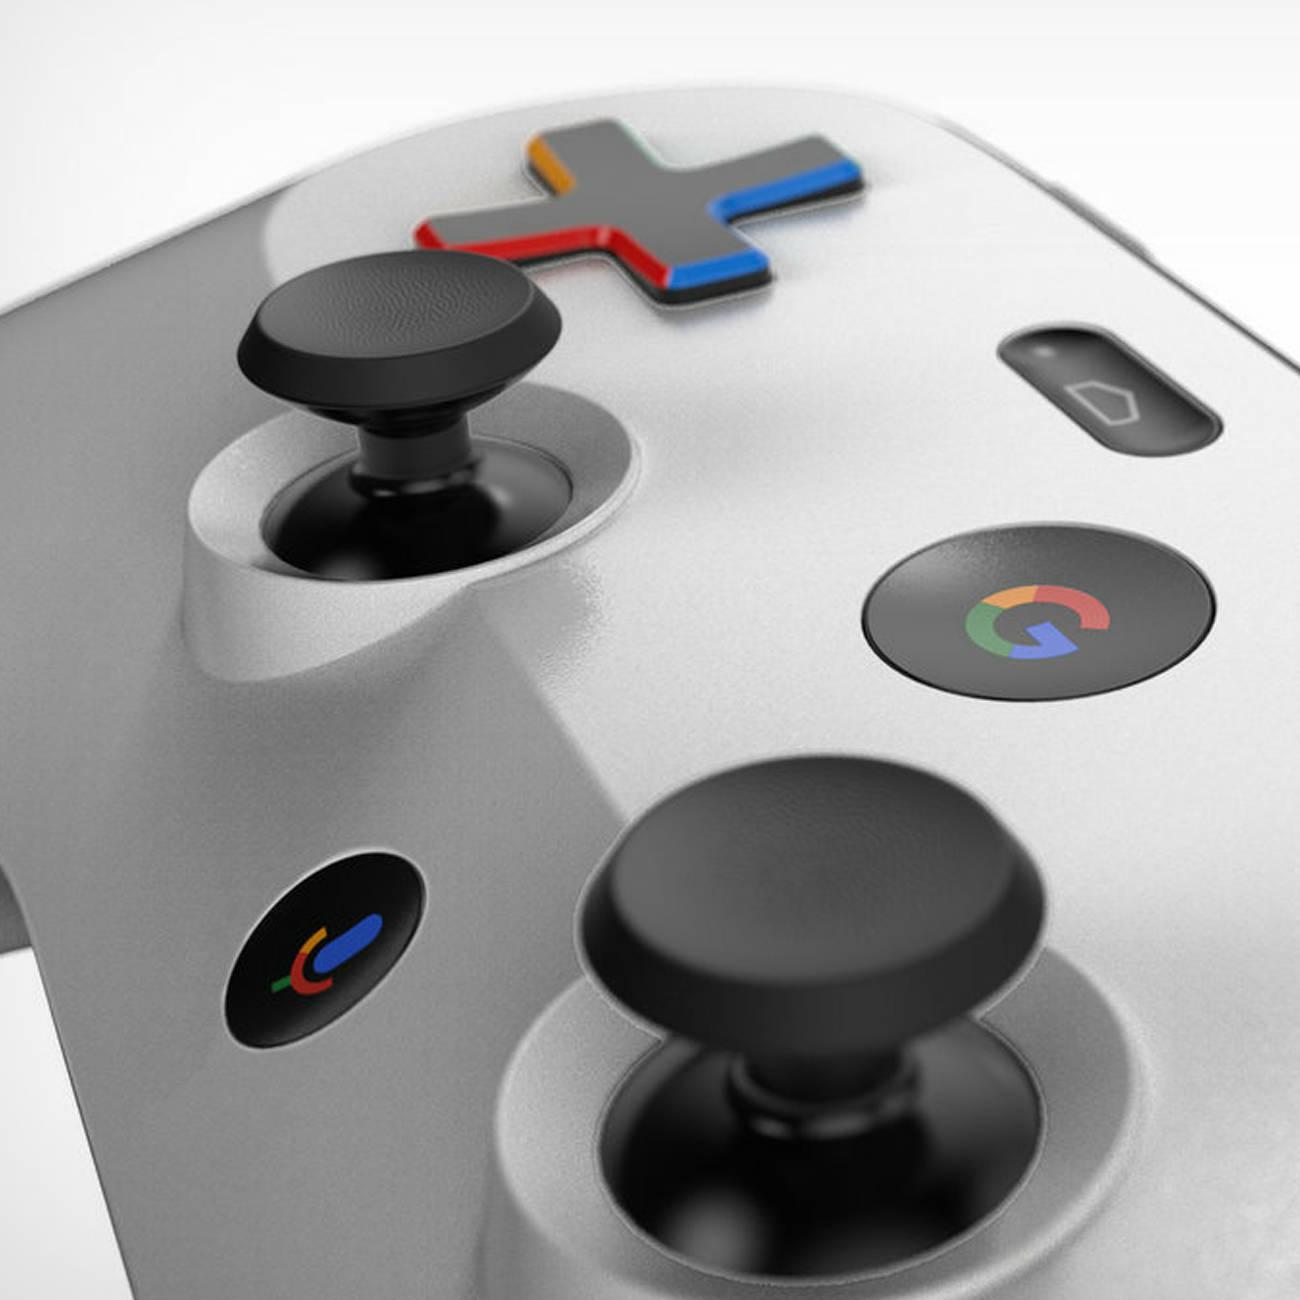 プレイステーションっぽいゲームコントローラーGoogle